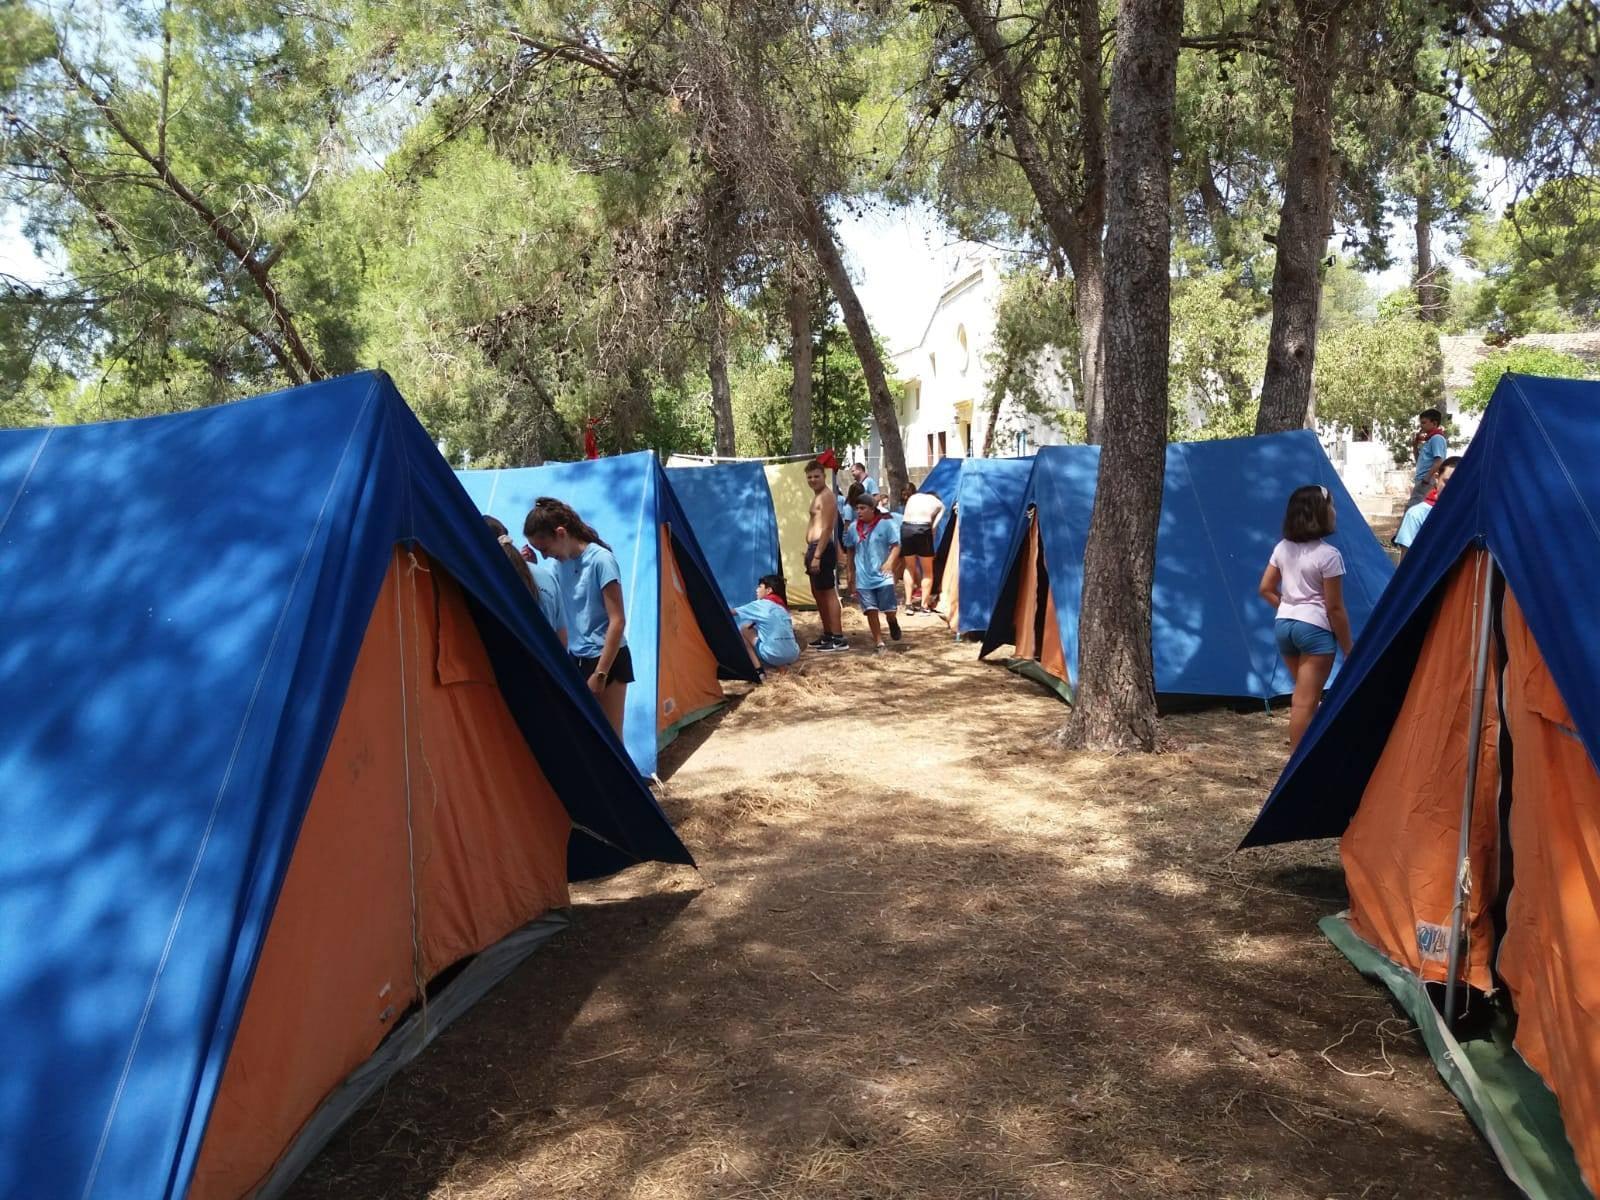 La incidència dibuixa un estiu sense campaments El Periòdic d'Ontinyent - Noticies a Ontinyent